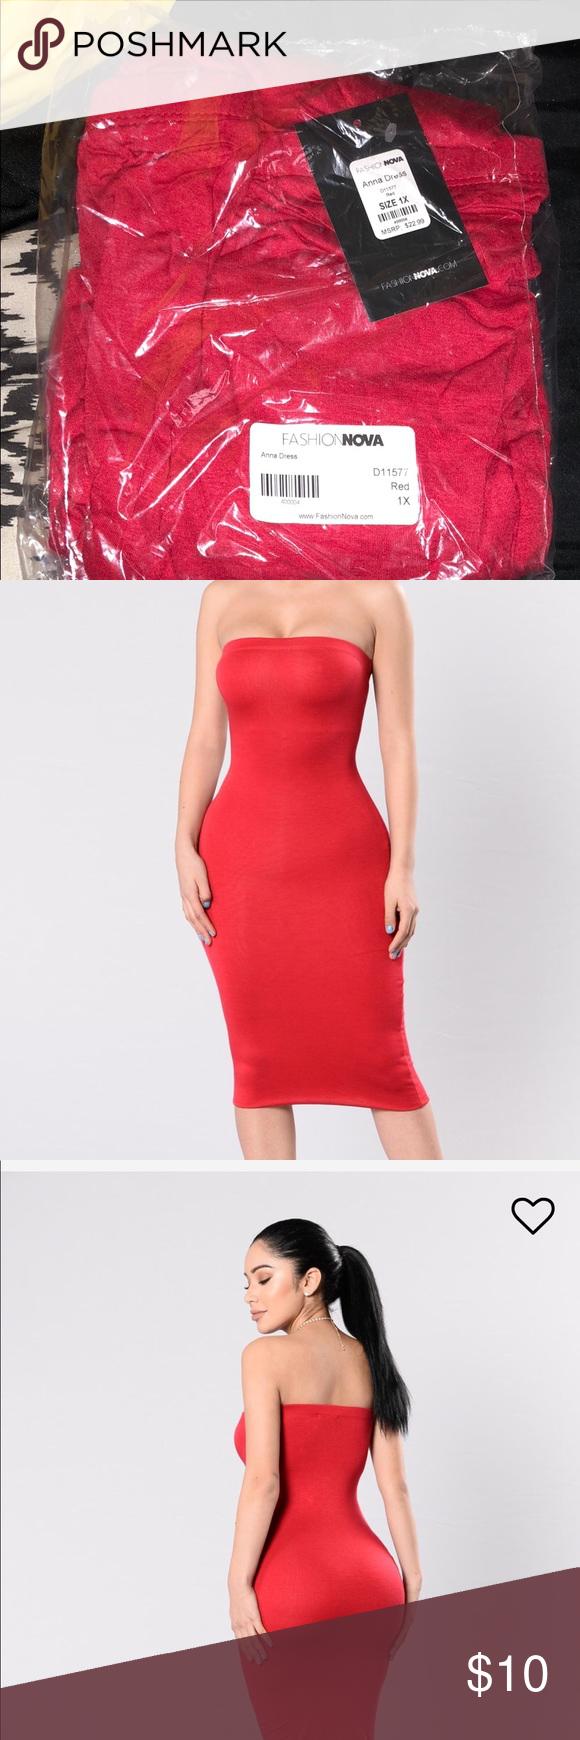 4159acff0cb01 Brand new fashion nova dress plus size Brand new fashion nova dress plus  size 1x Fashion Nova Dresses Midi